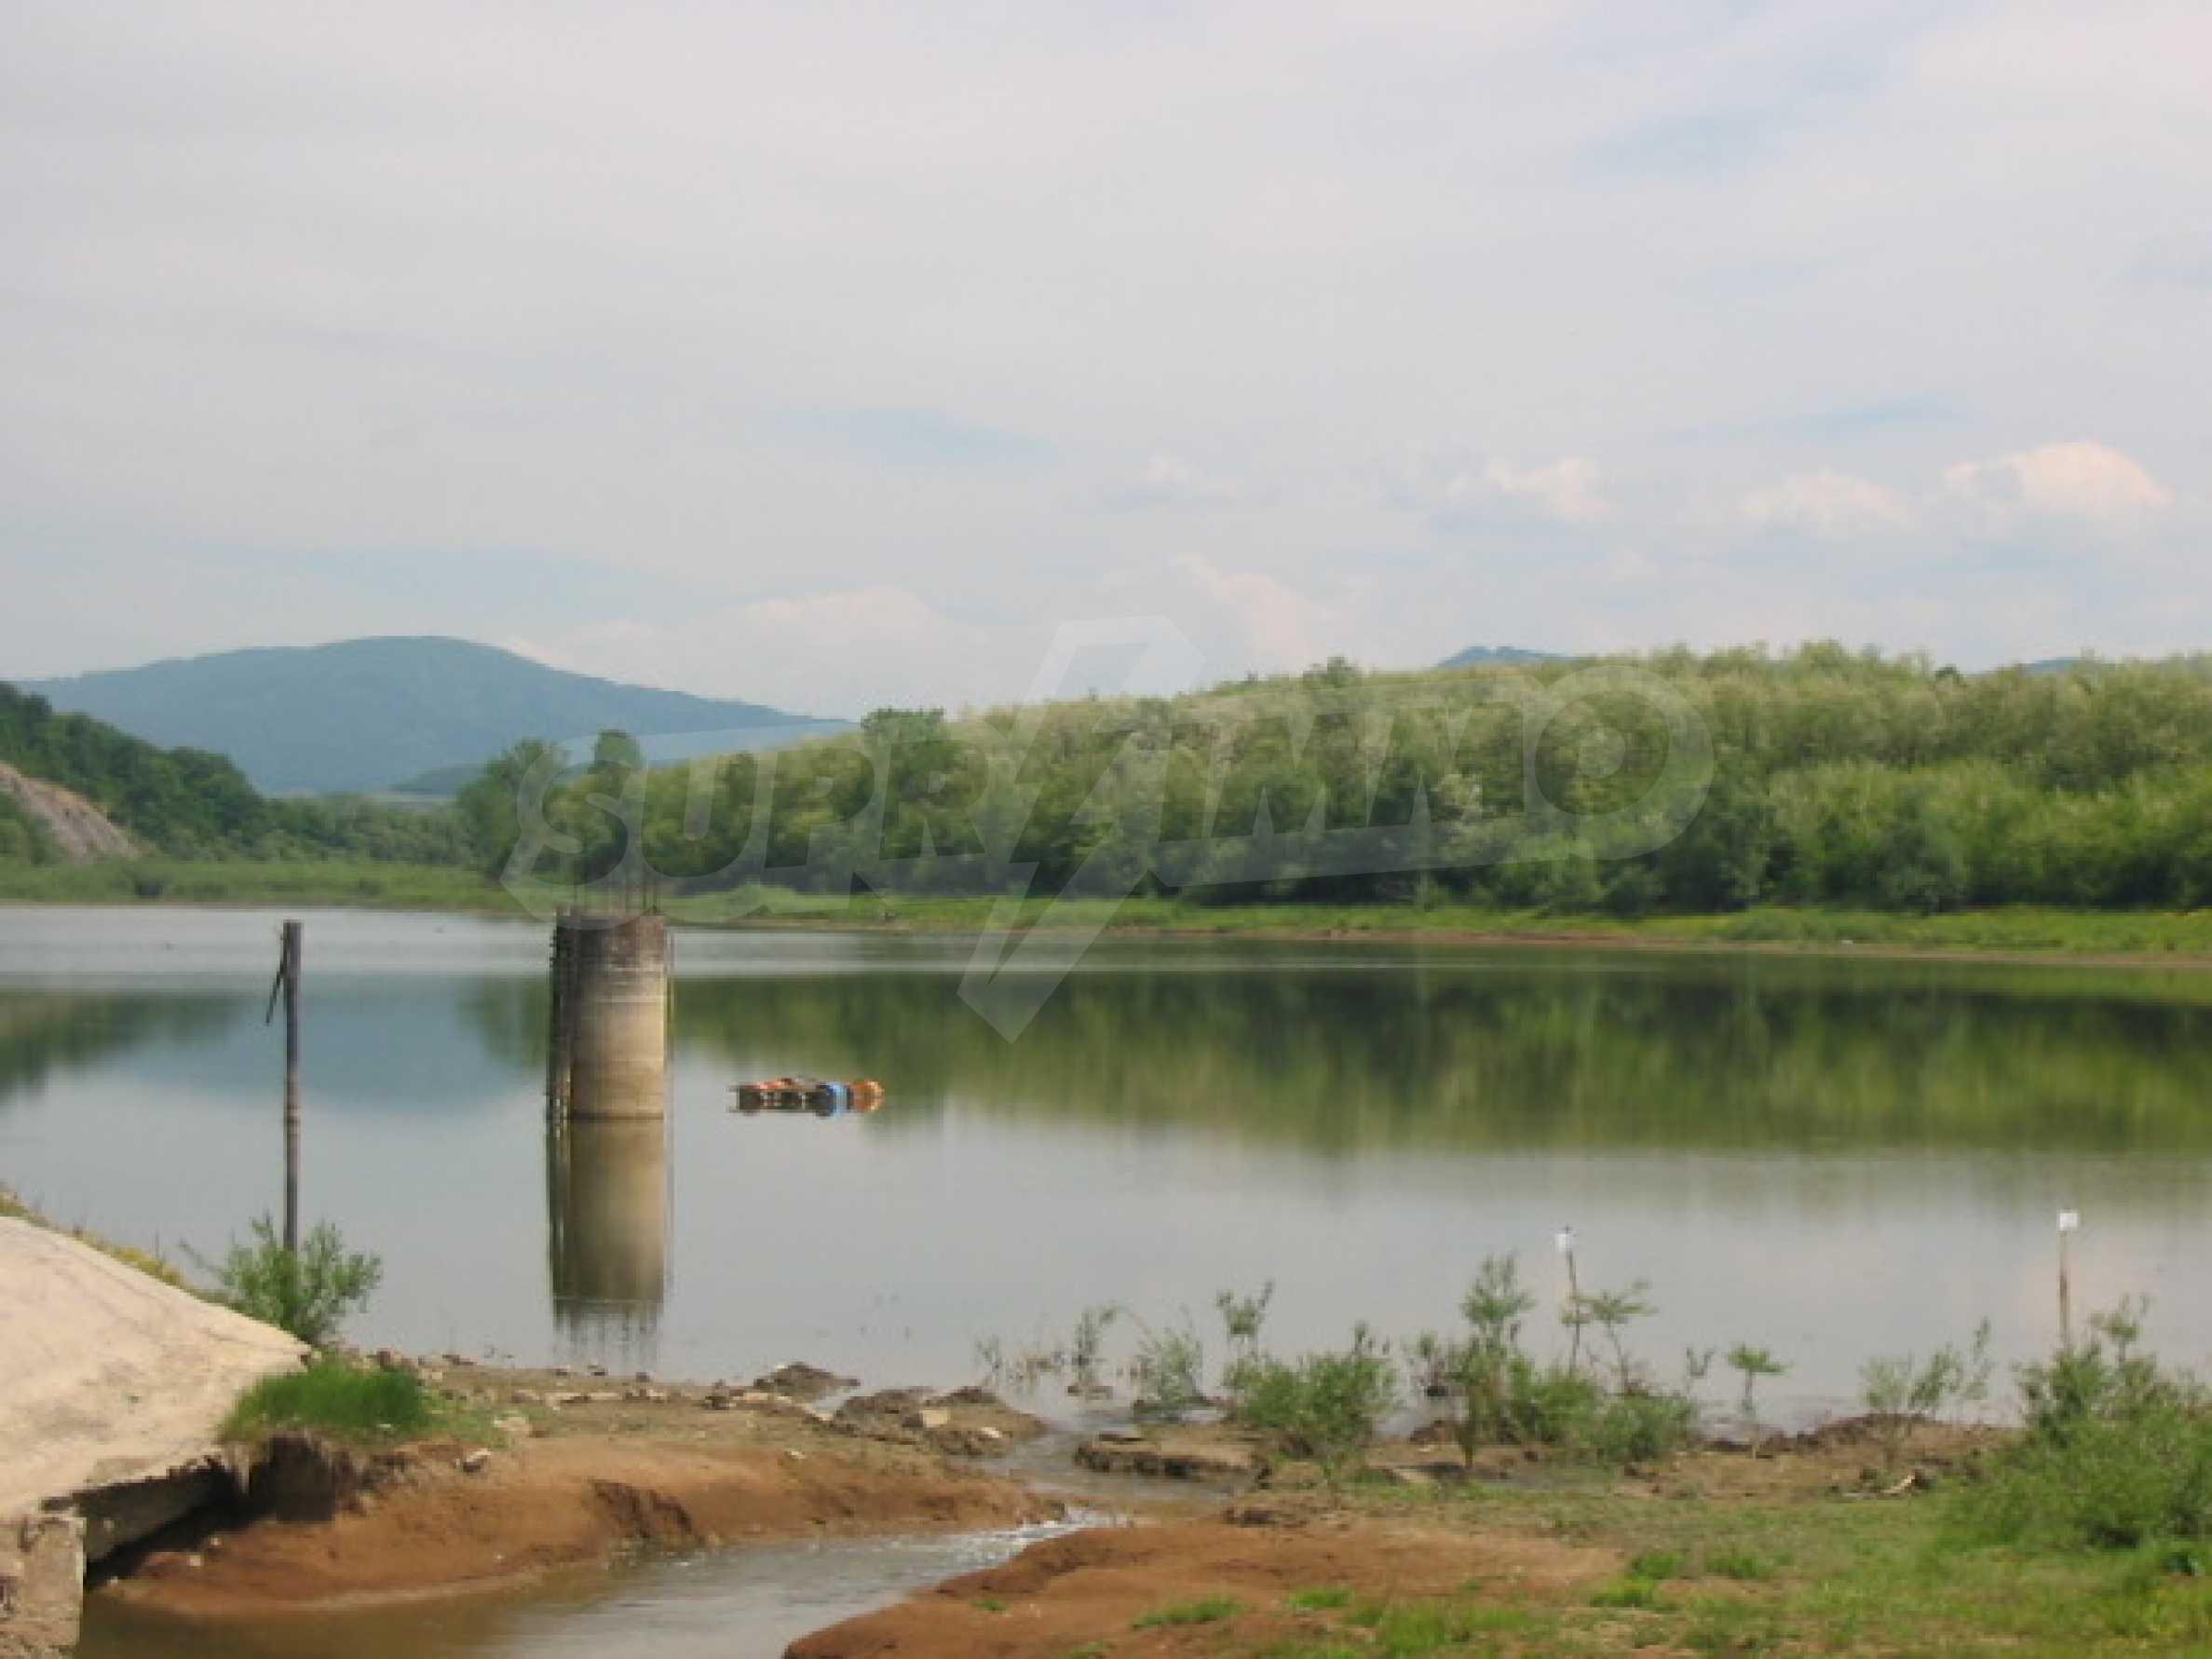 Damm mit angrenzendem Land 7 km von Veliko Tarnovo entfernt 5